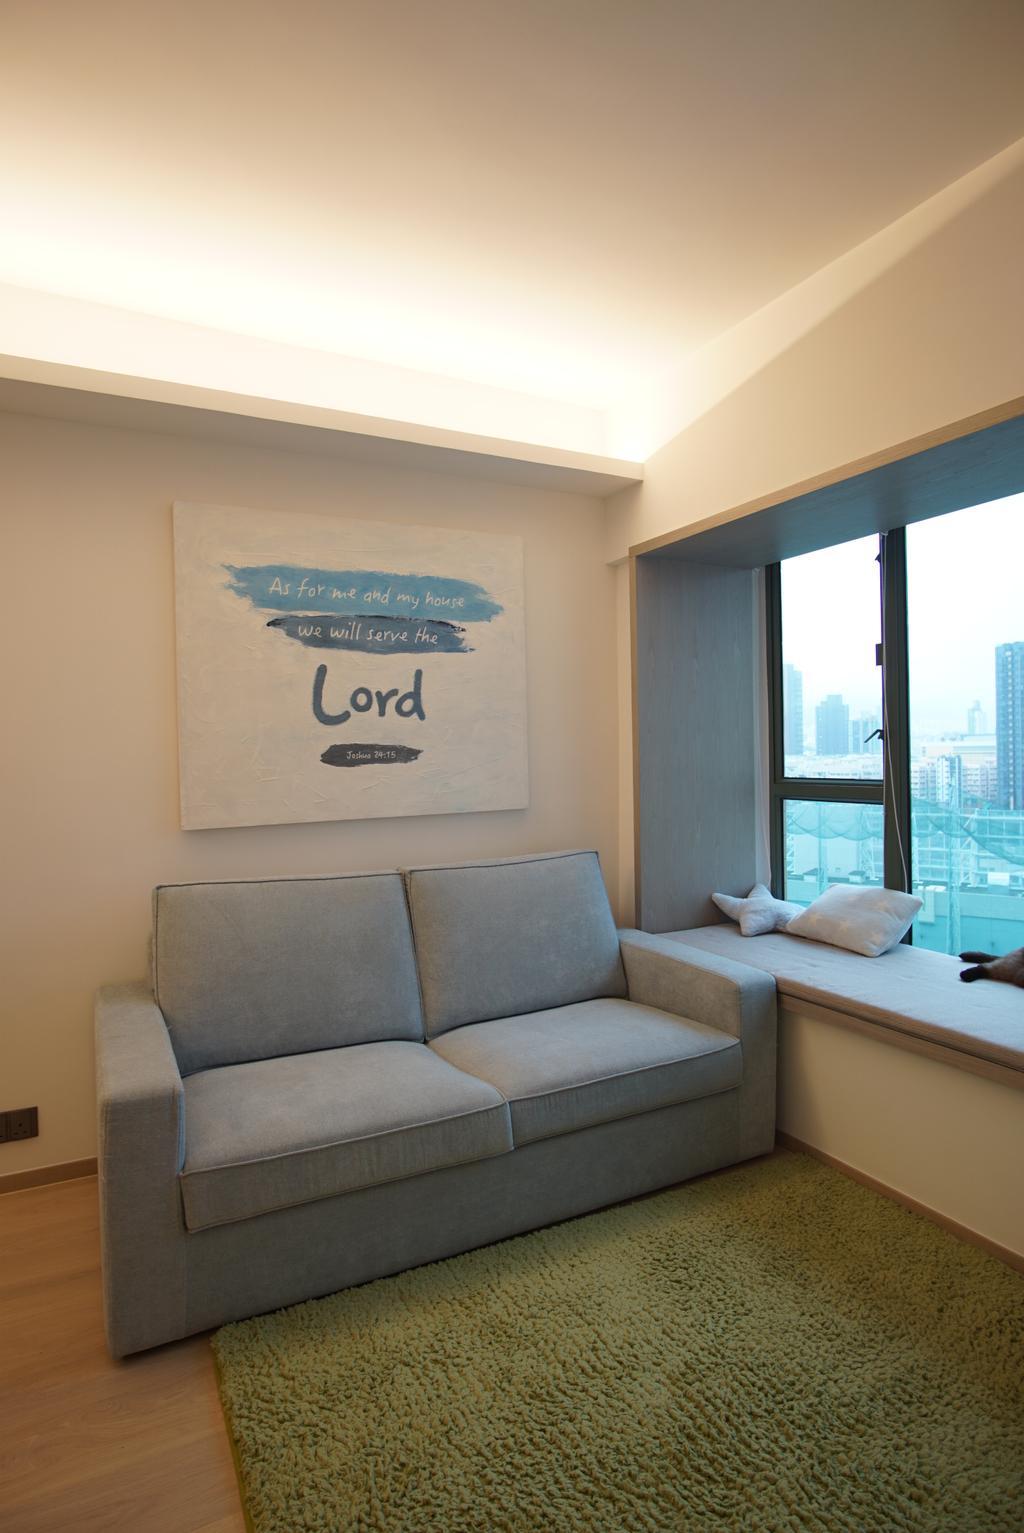 摩登, 私家樓, 客廳, 維港灣, 室內設計師, AQUA Projects, 當代